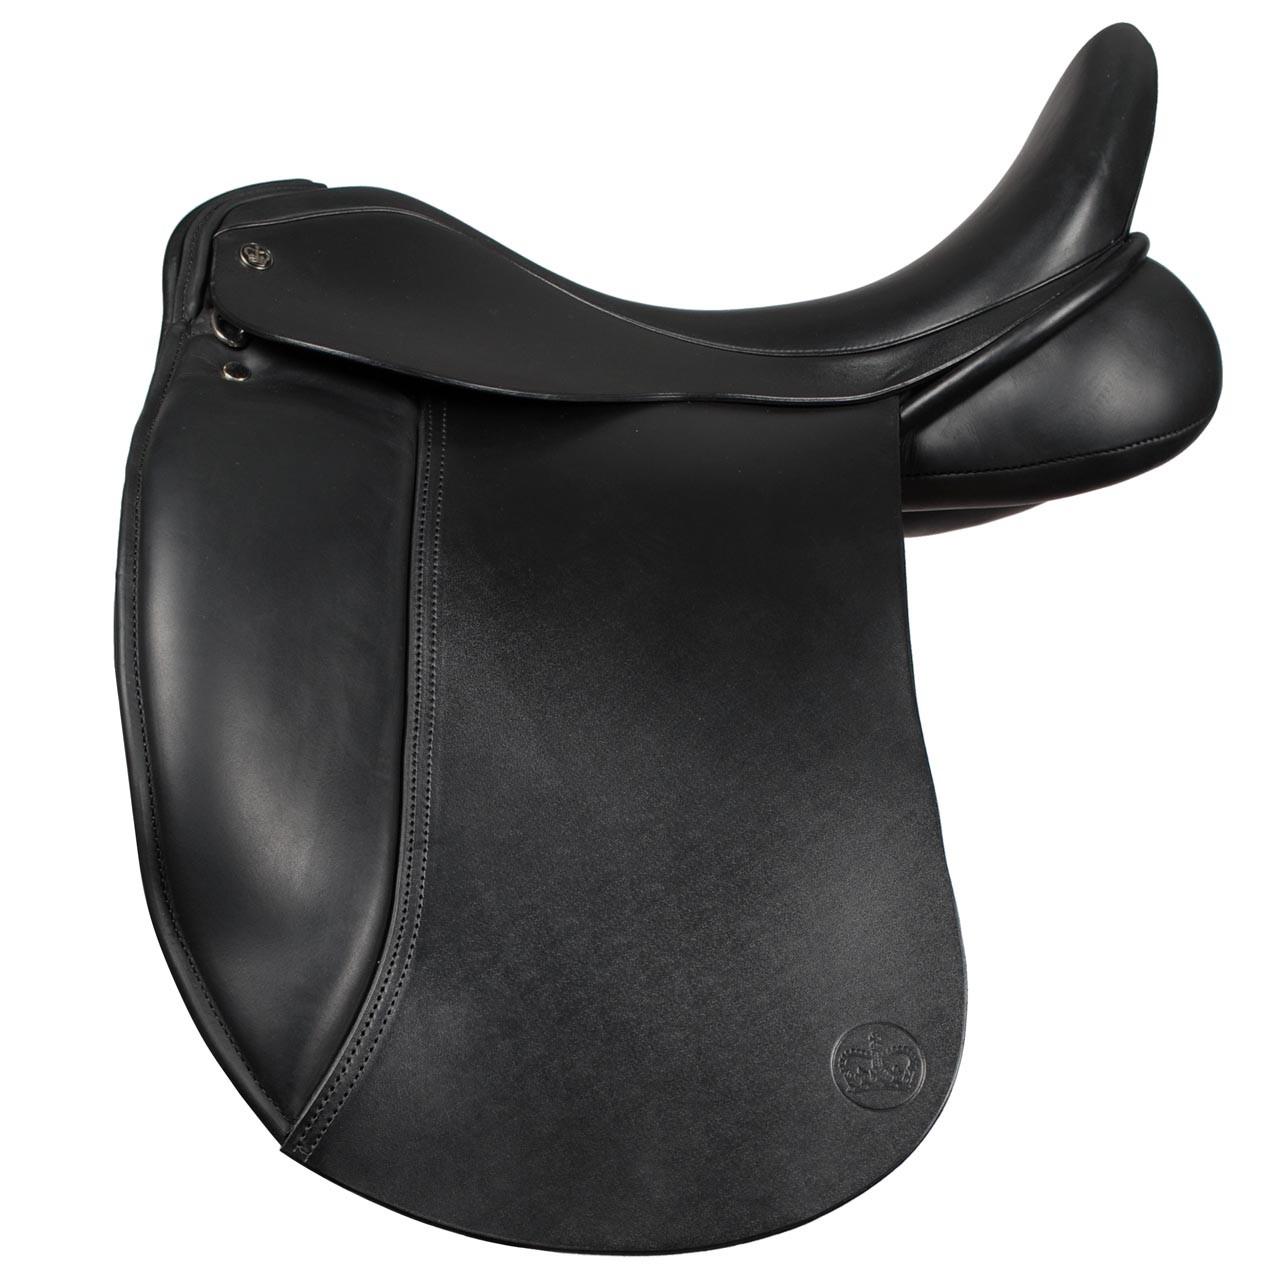 Ideal Tonishia dressuurzadel zwart maat:17.5 mw